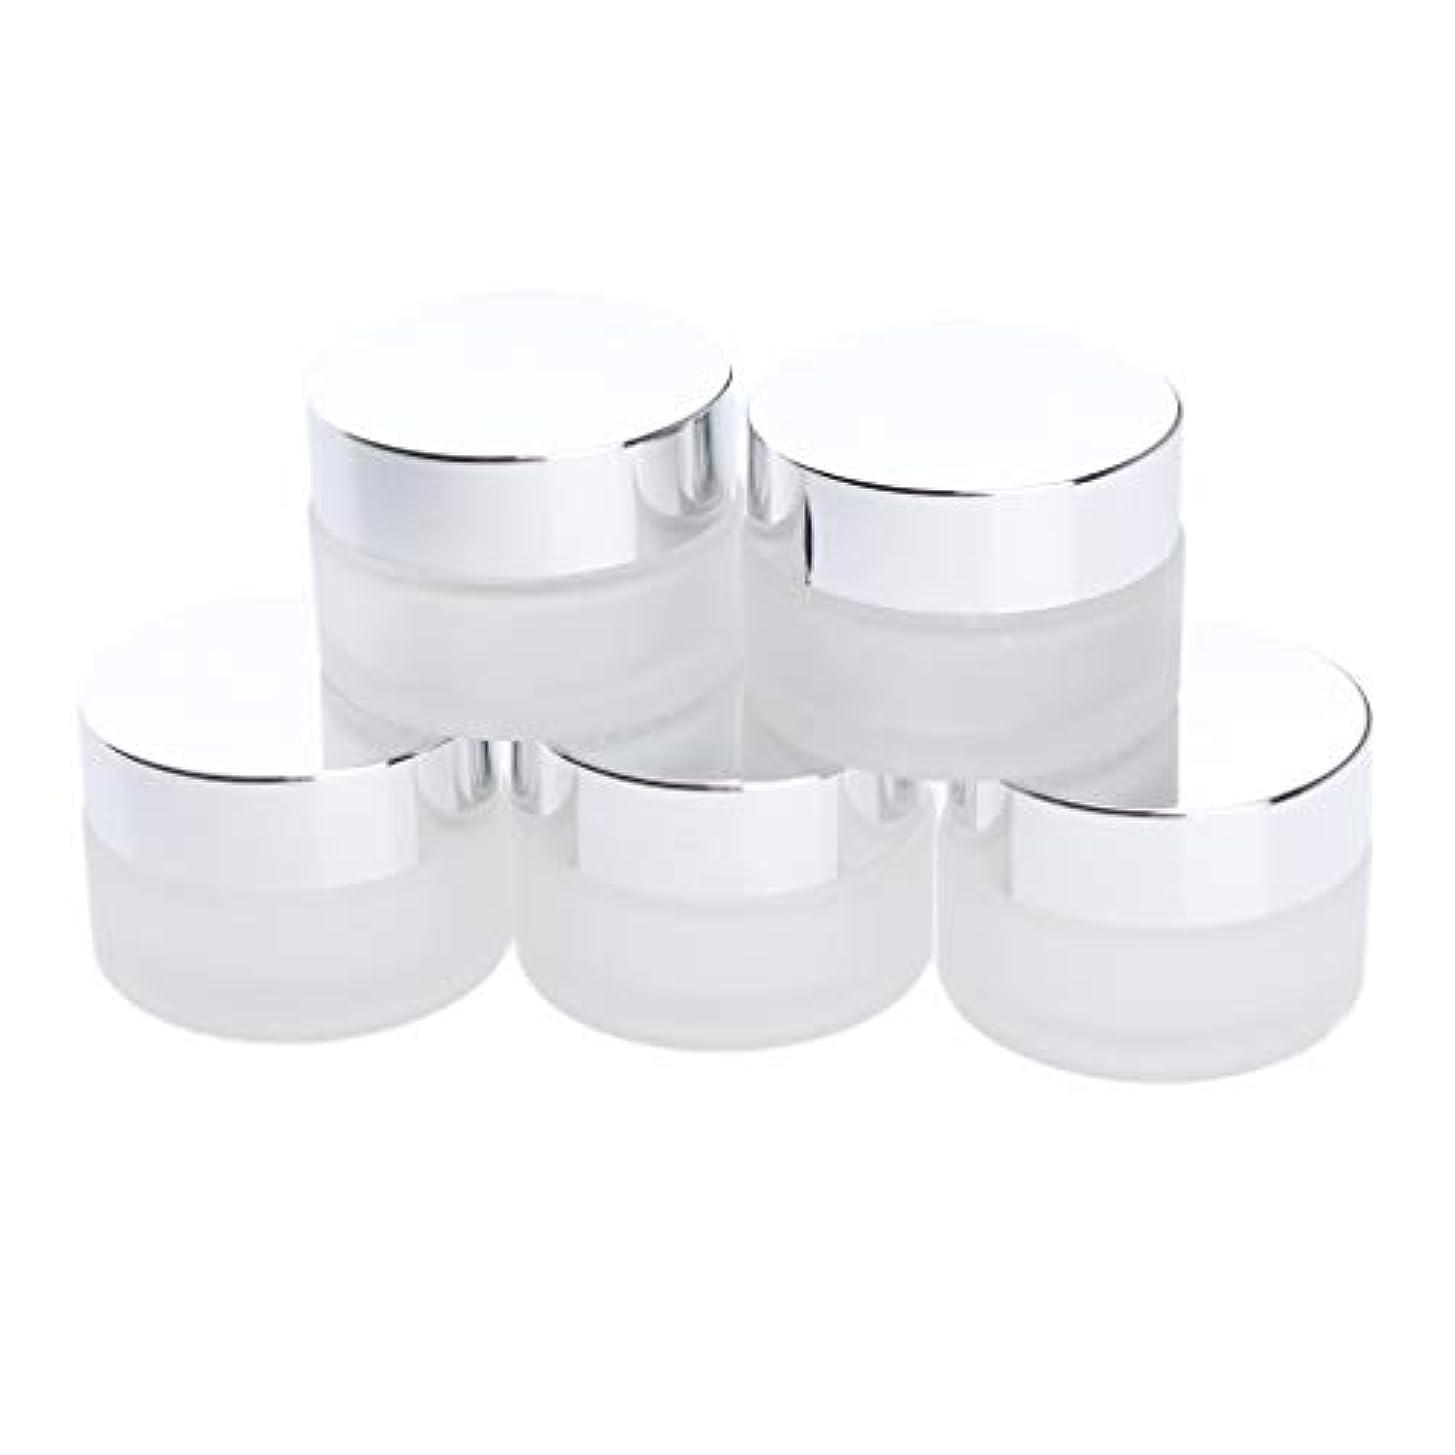 加速度肺炎法律メイクアップボトル ガラス瓶 フェイスクリーム 小分け容器 旅行用 5本 2サイズ - 20g